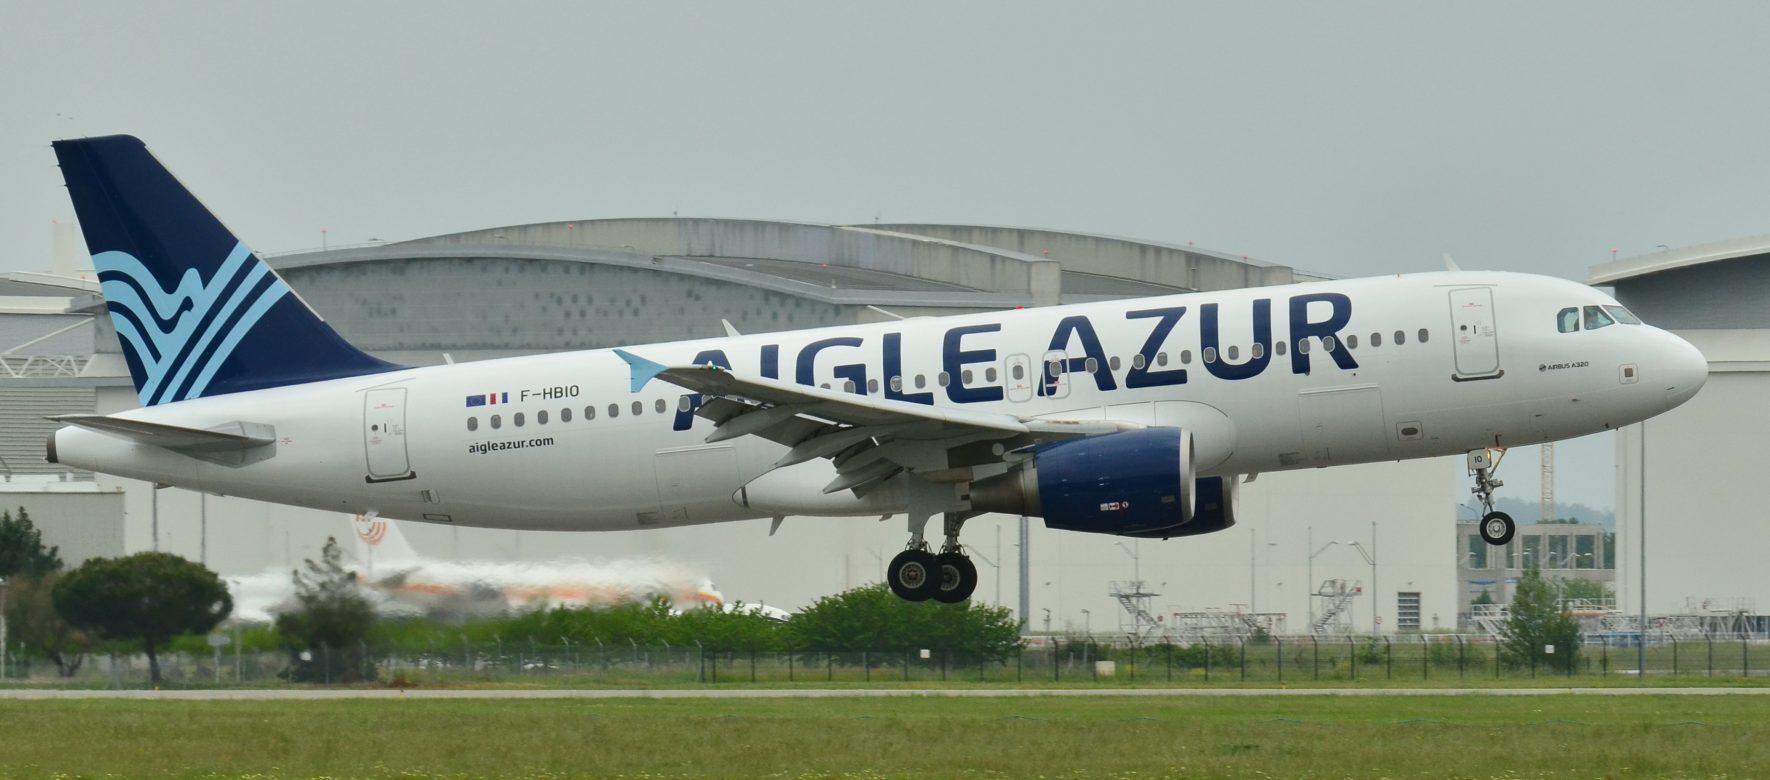 Aigle Azur: des vols annulés et des milliers passagers en détresse